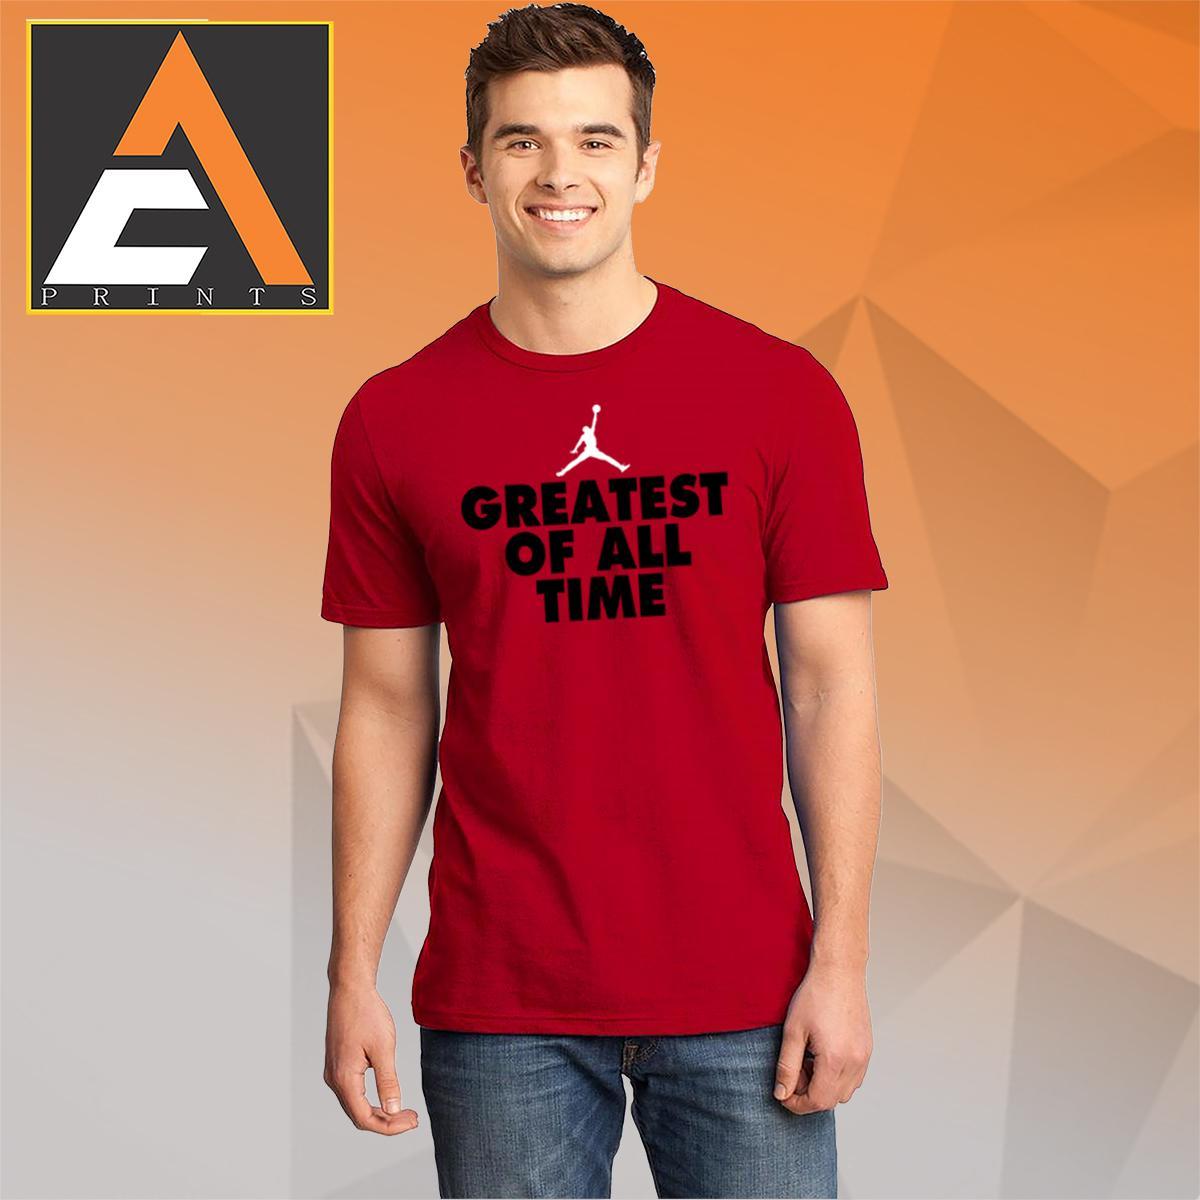 65734e51bbf9e4 Jordan shirt Michael Jordan shirt Basketball tshirt Basketball shirt  GREATEST OF ALL TIME Shirt Unisex(